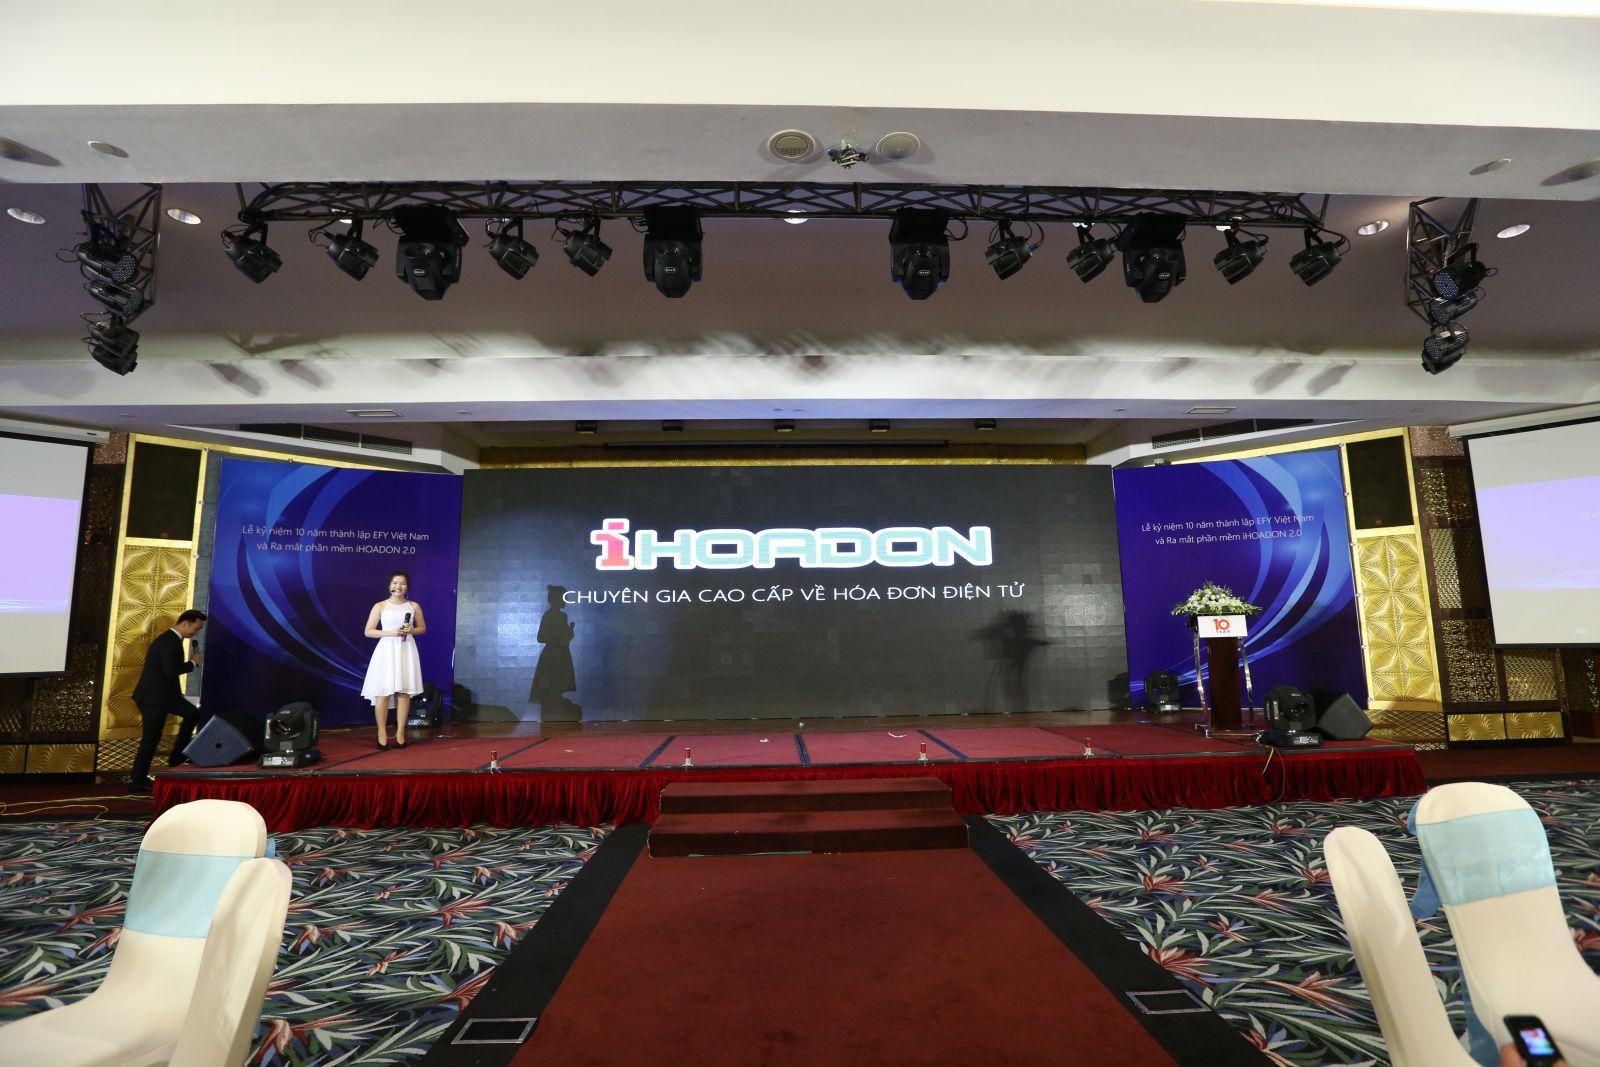 <Ms. Đỗ Thị Thảo - Trưởng ban truyền thông của EFY Việt Nam giới thiệu phần mềm iHOADON 2.0>